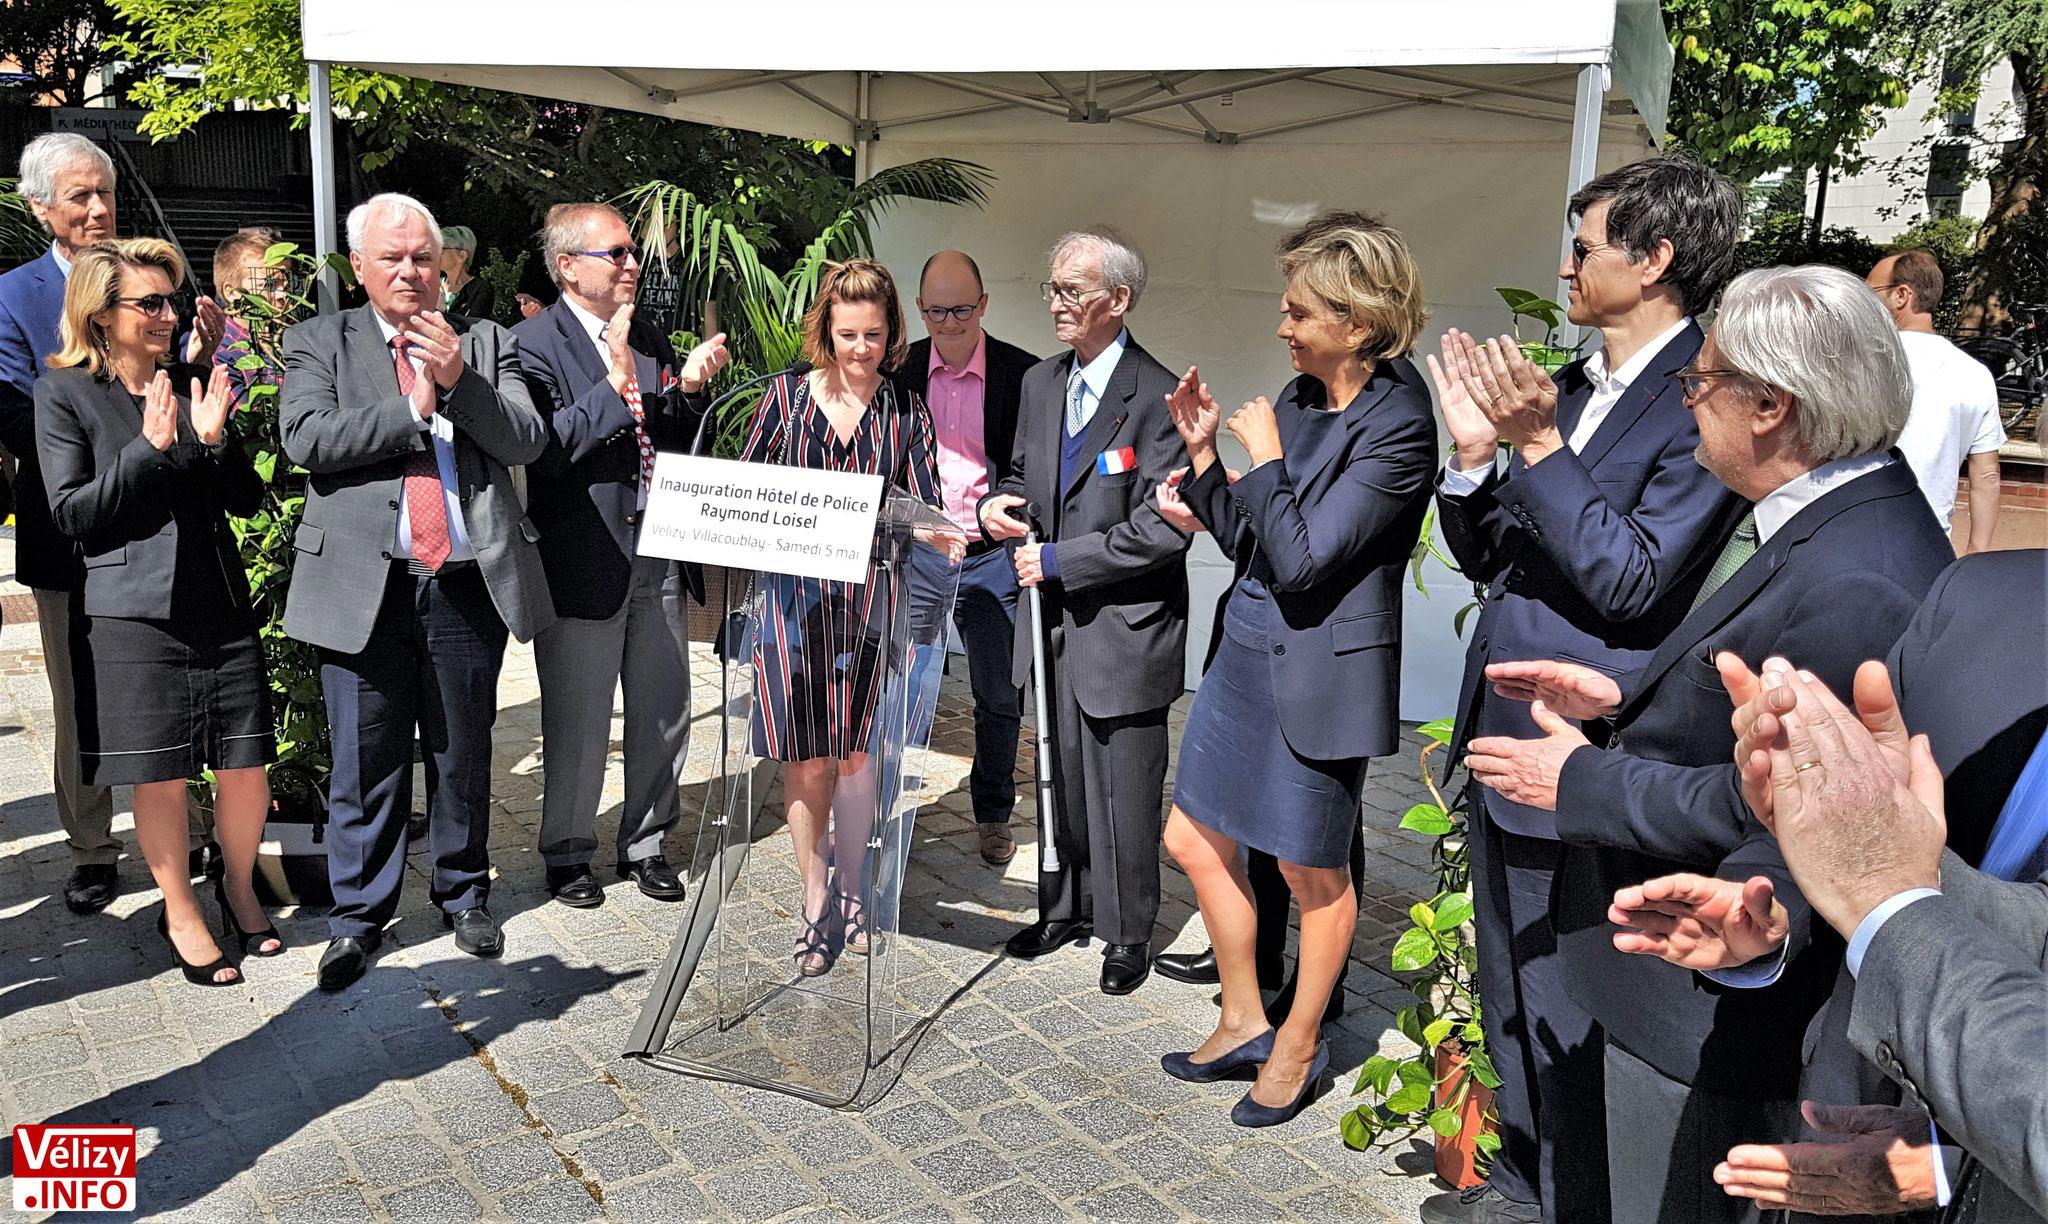 Hommage à Raymond Loisel lors de l'inauguration de l'Hôtel de Police de Vélizy-Villacoublay.